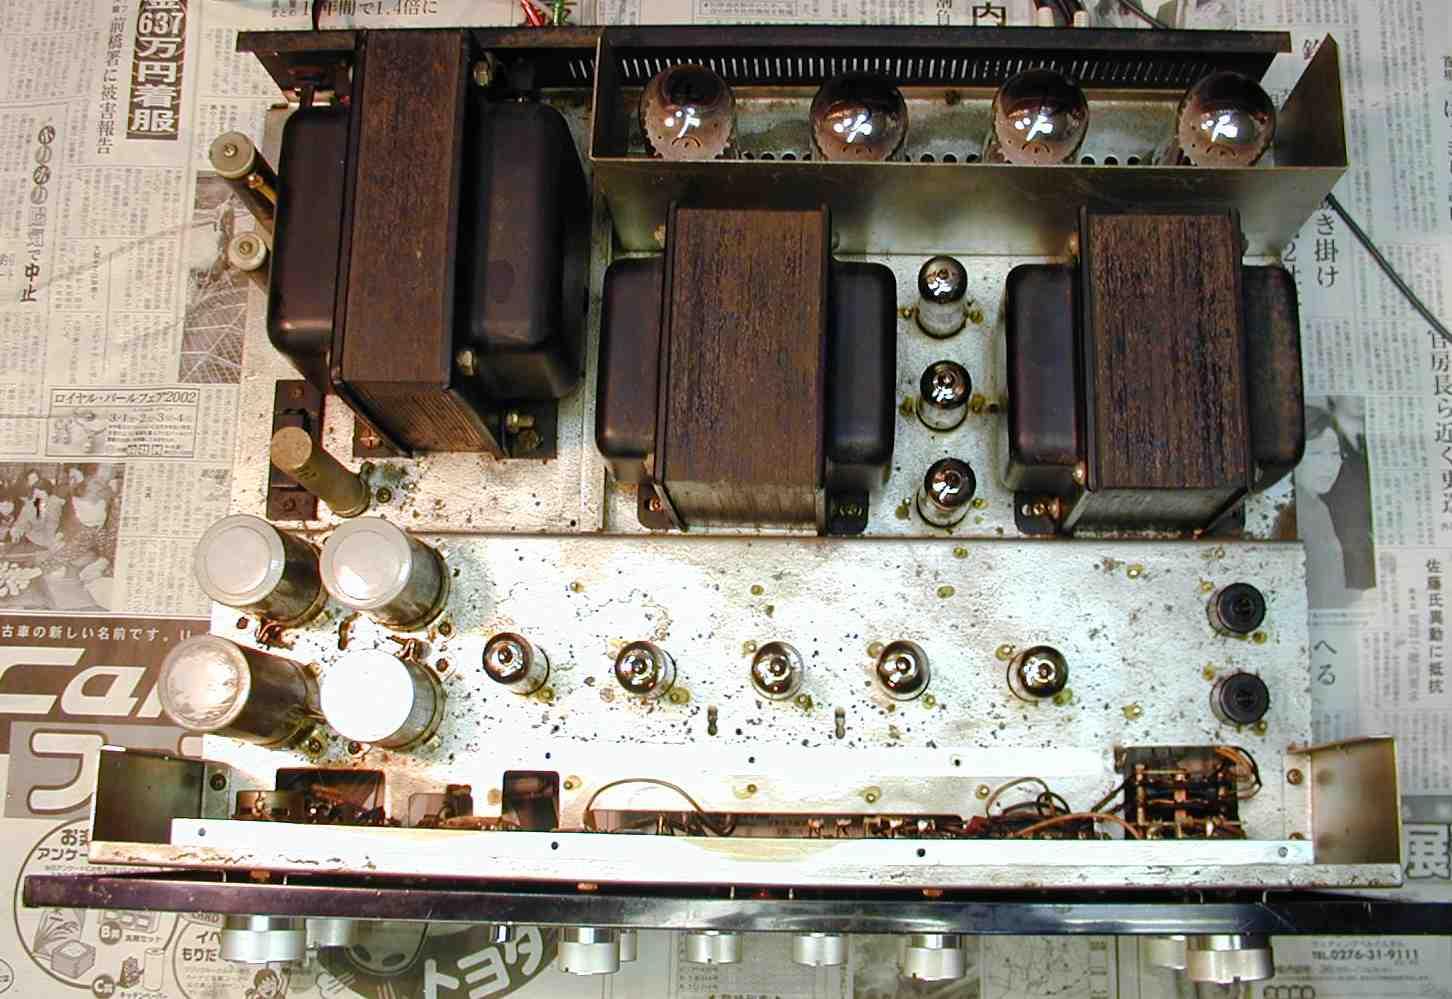 схема динамика cx-6922 mk 11